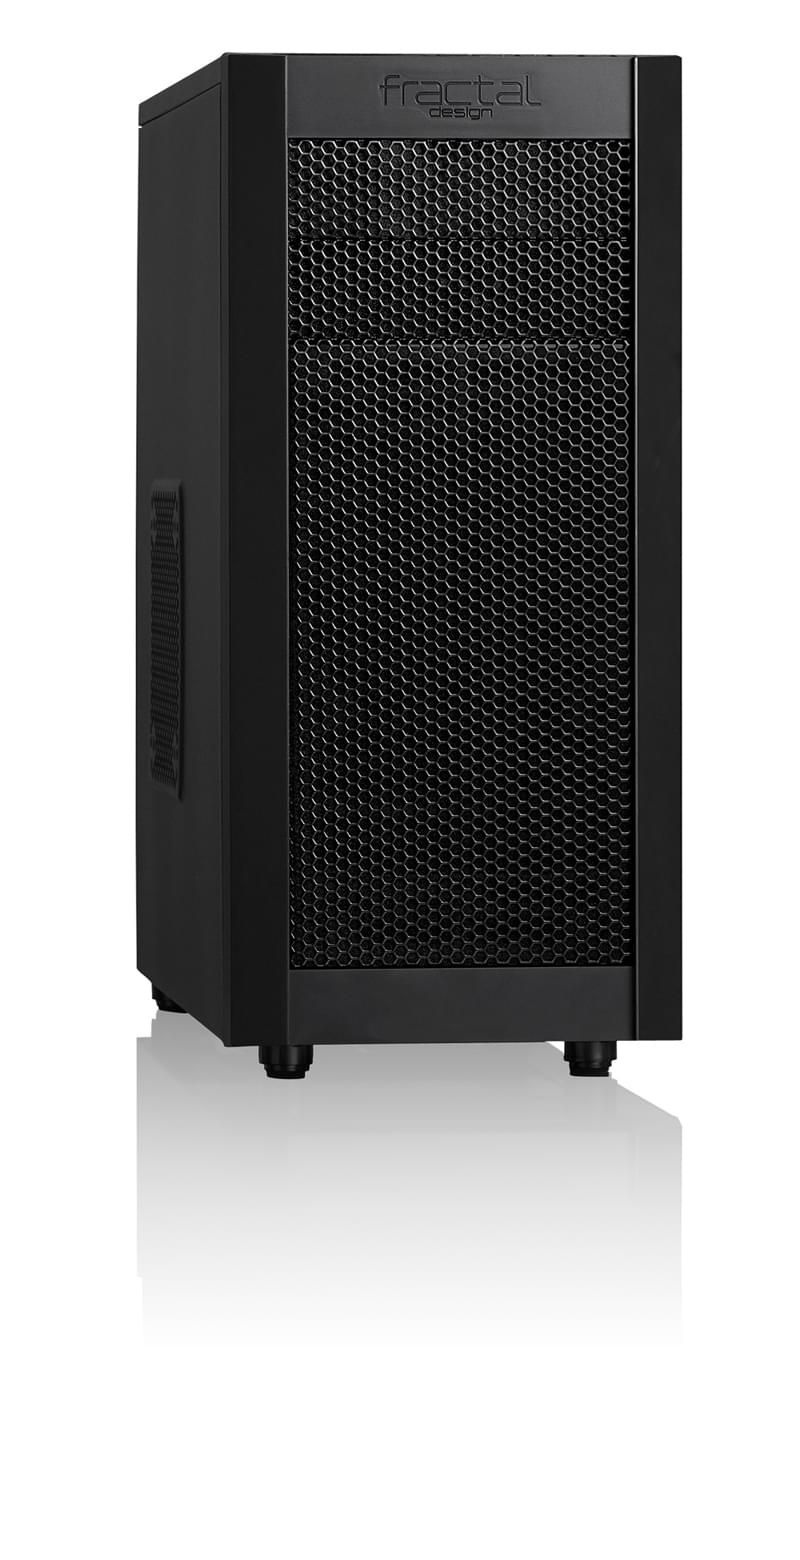 Fractal Design Core 3000 USB 3.0 (FD-CA-CORE-3000-USB3-BL) - Achat / Vente Boîtier PC sur Cybertek.fr - 0